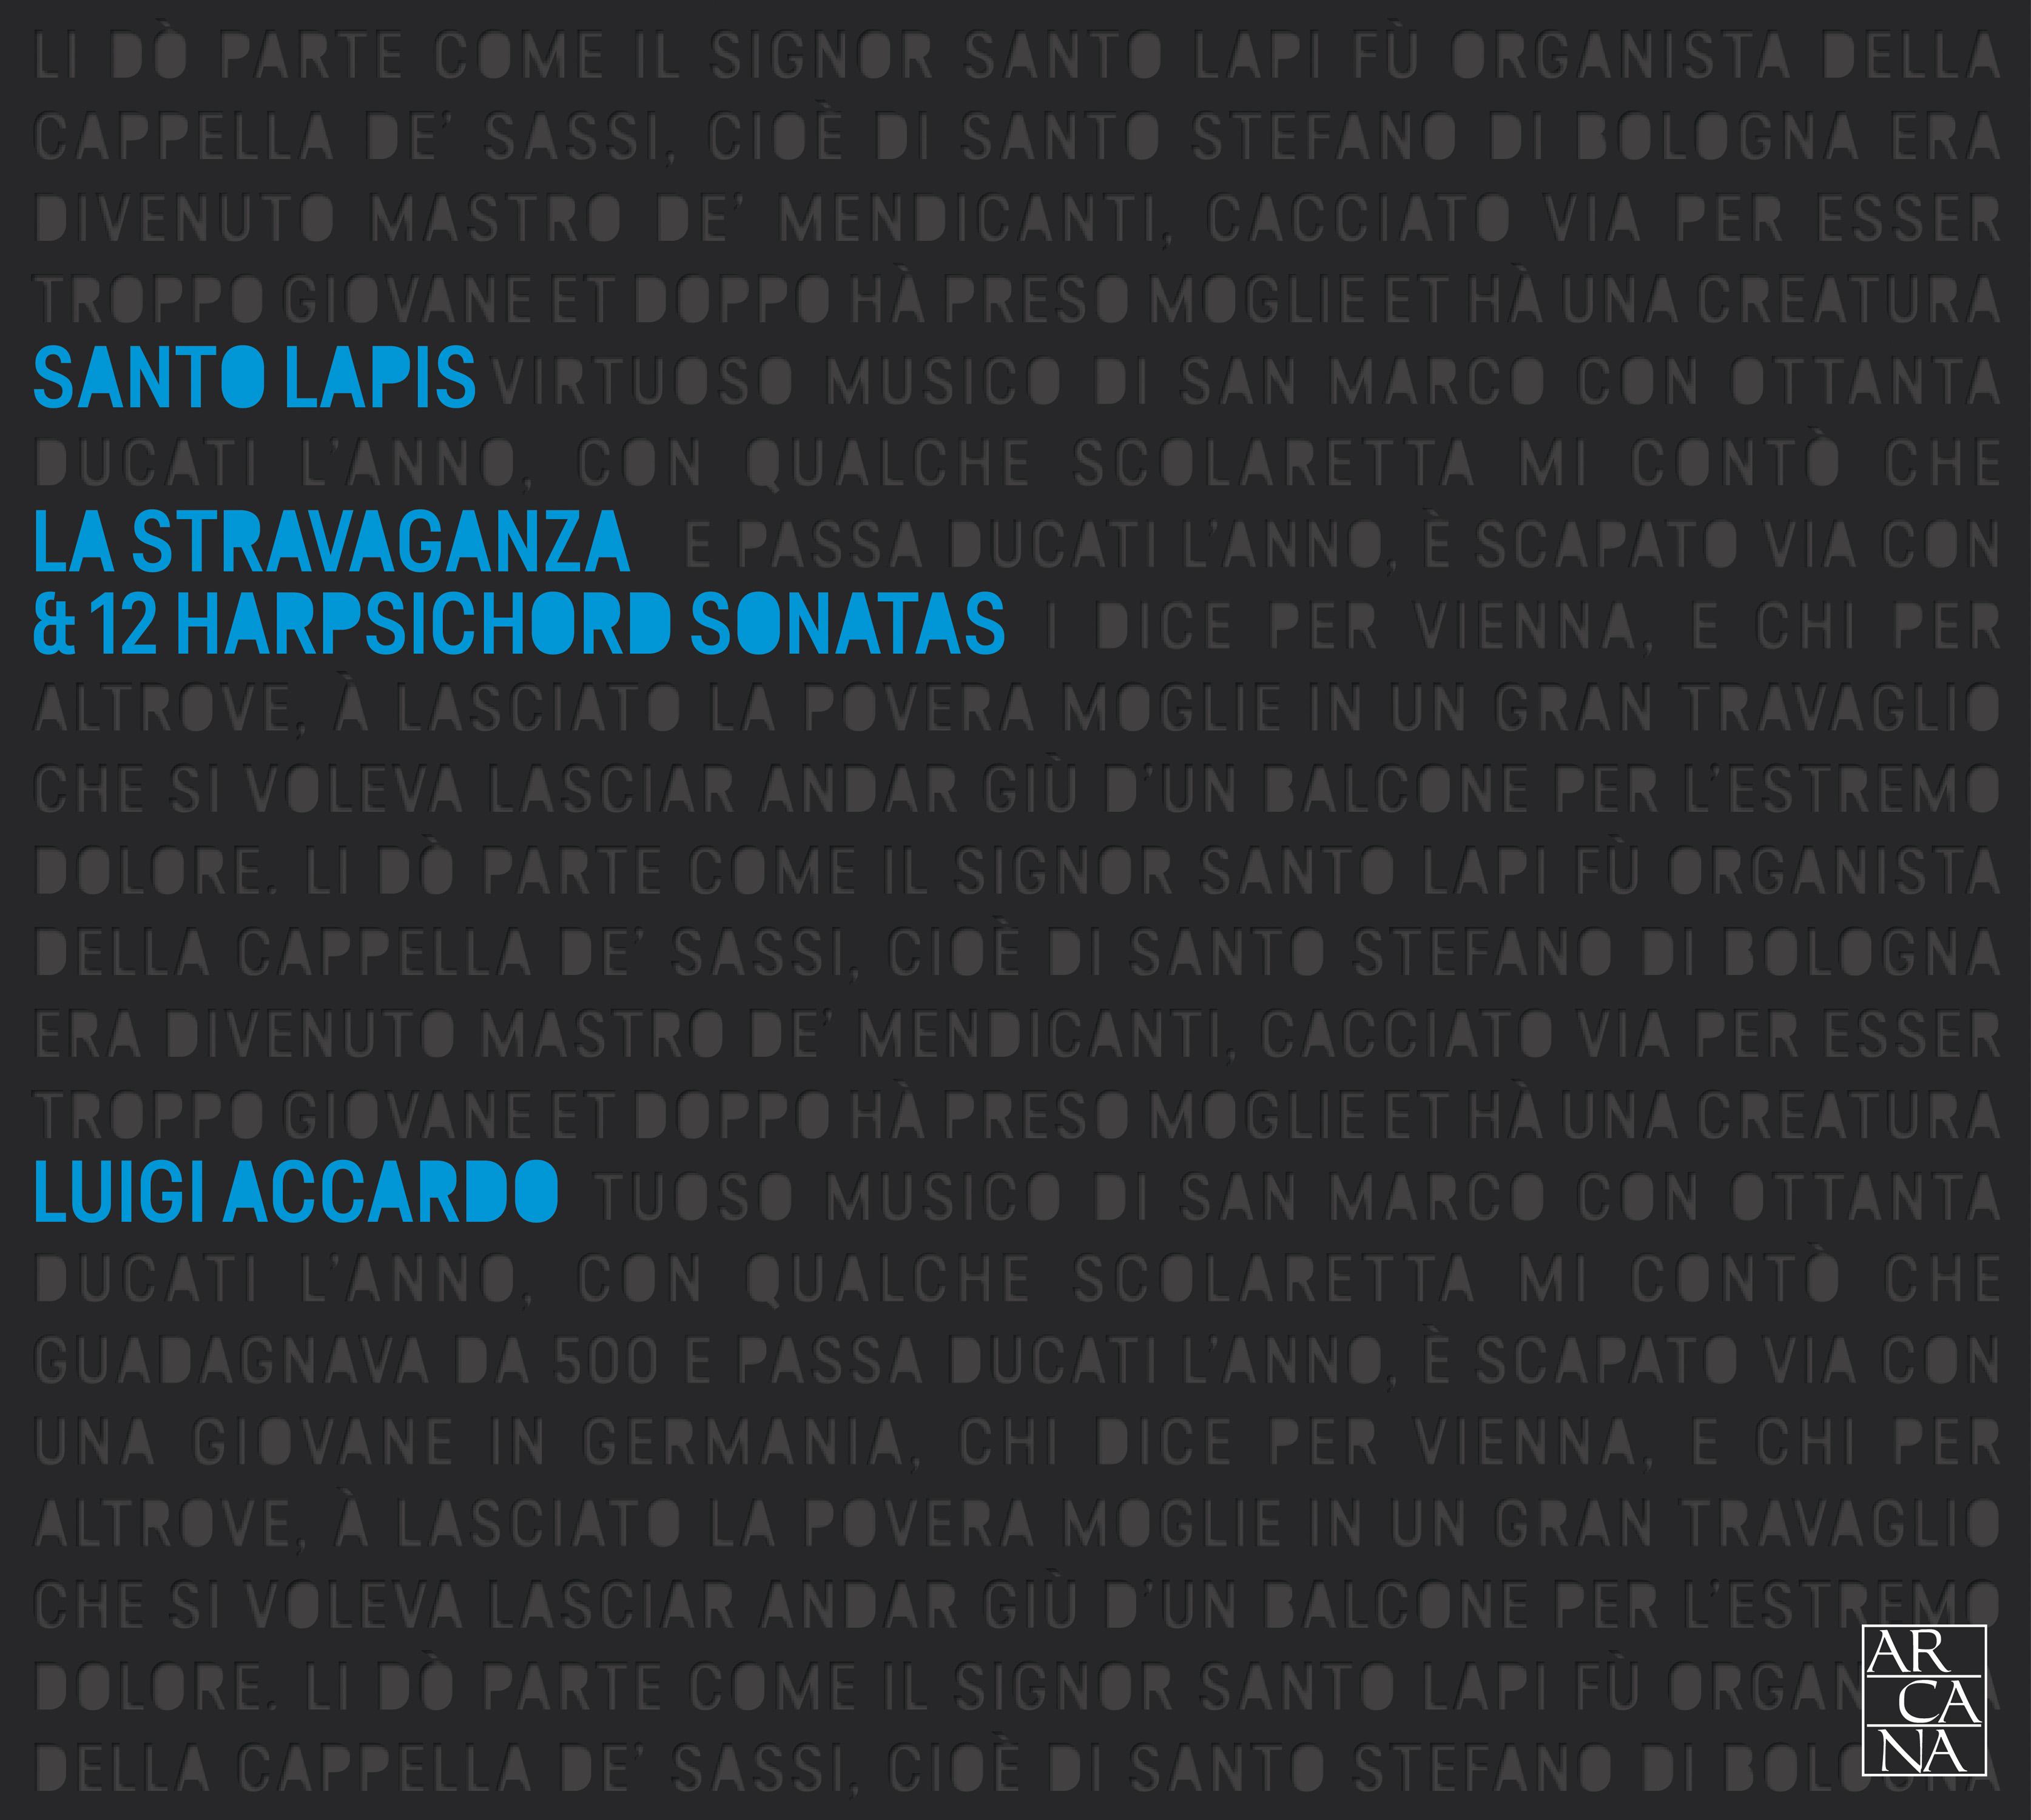 Luigi Accardo, Santo Lapis  – La stravaganza & 12 Harpsichord Sonatas